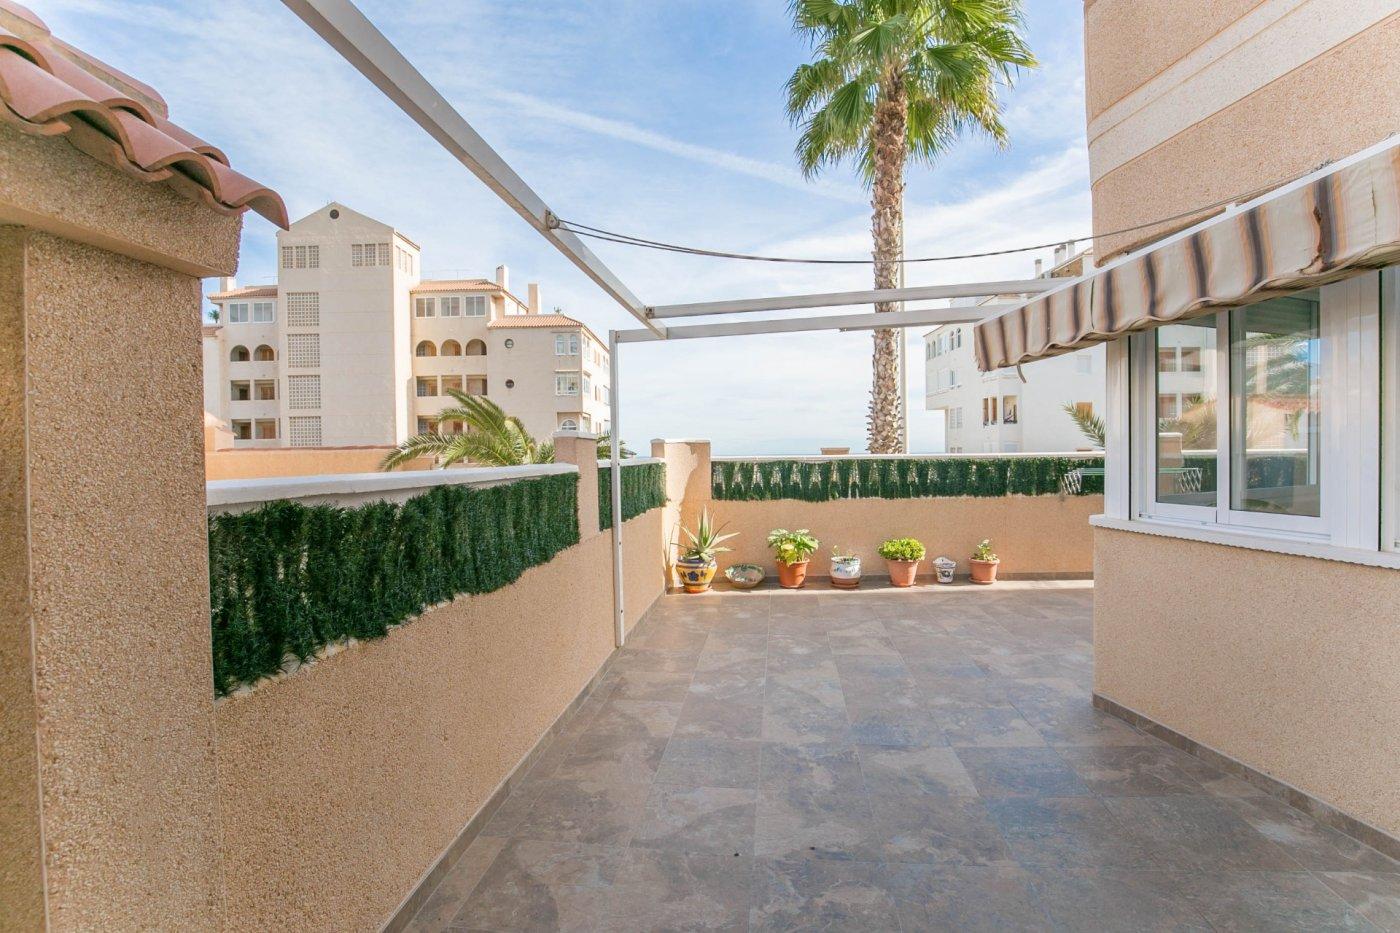 apartamento en arenales-del-sol ·  113000€